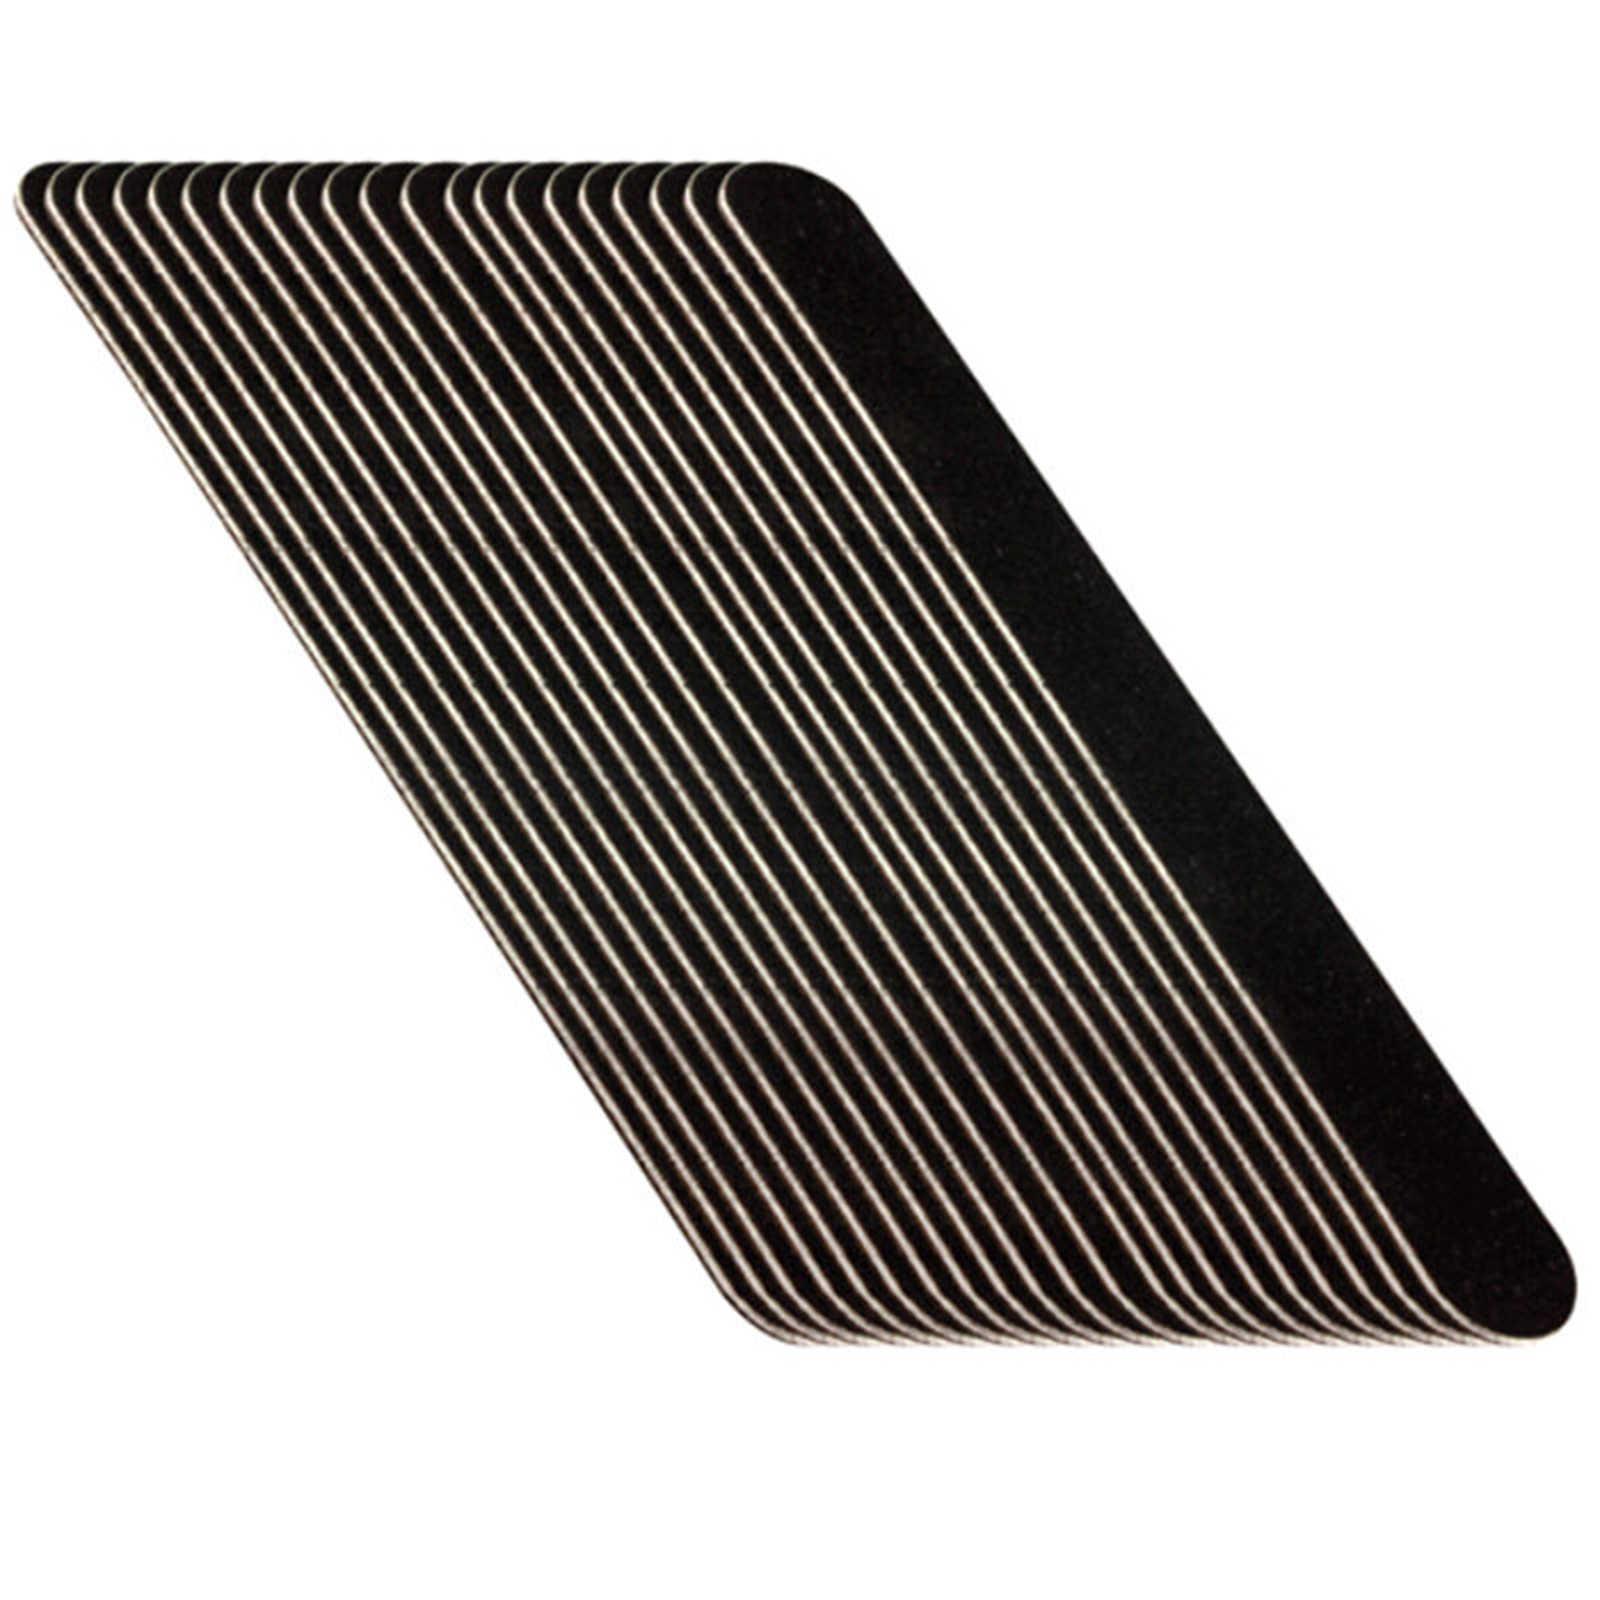 ELECOOL 1 قطعة هلام أسود UV مجموعة مسمار الفن الأسود الرملي ملف عازلة صالون مانيكير الملمع أداة الساخن هلام البولندية مجموعة مانيكير